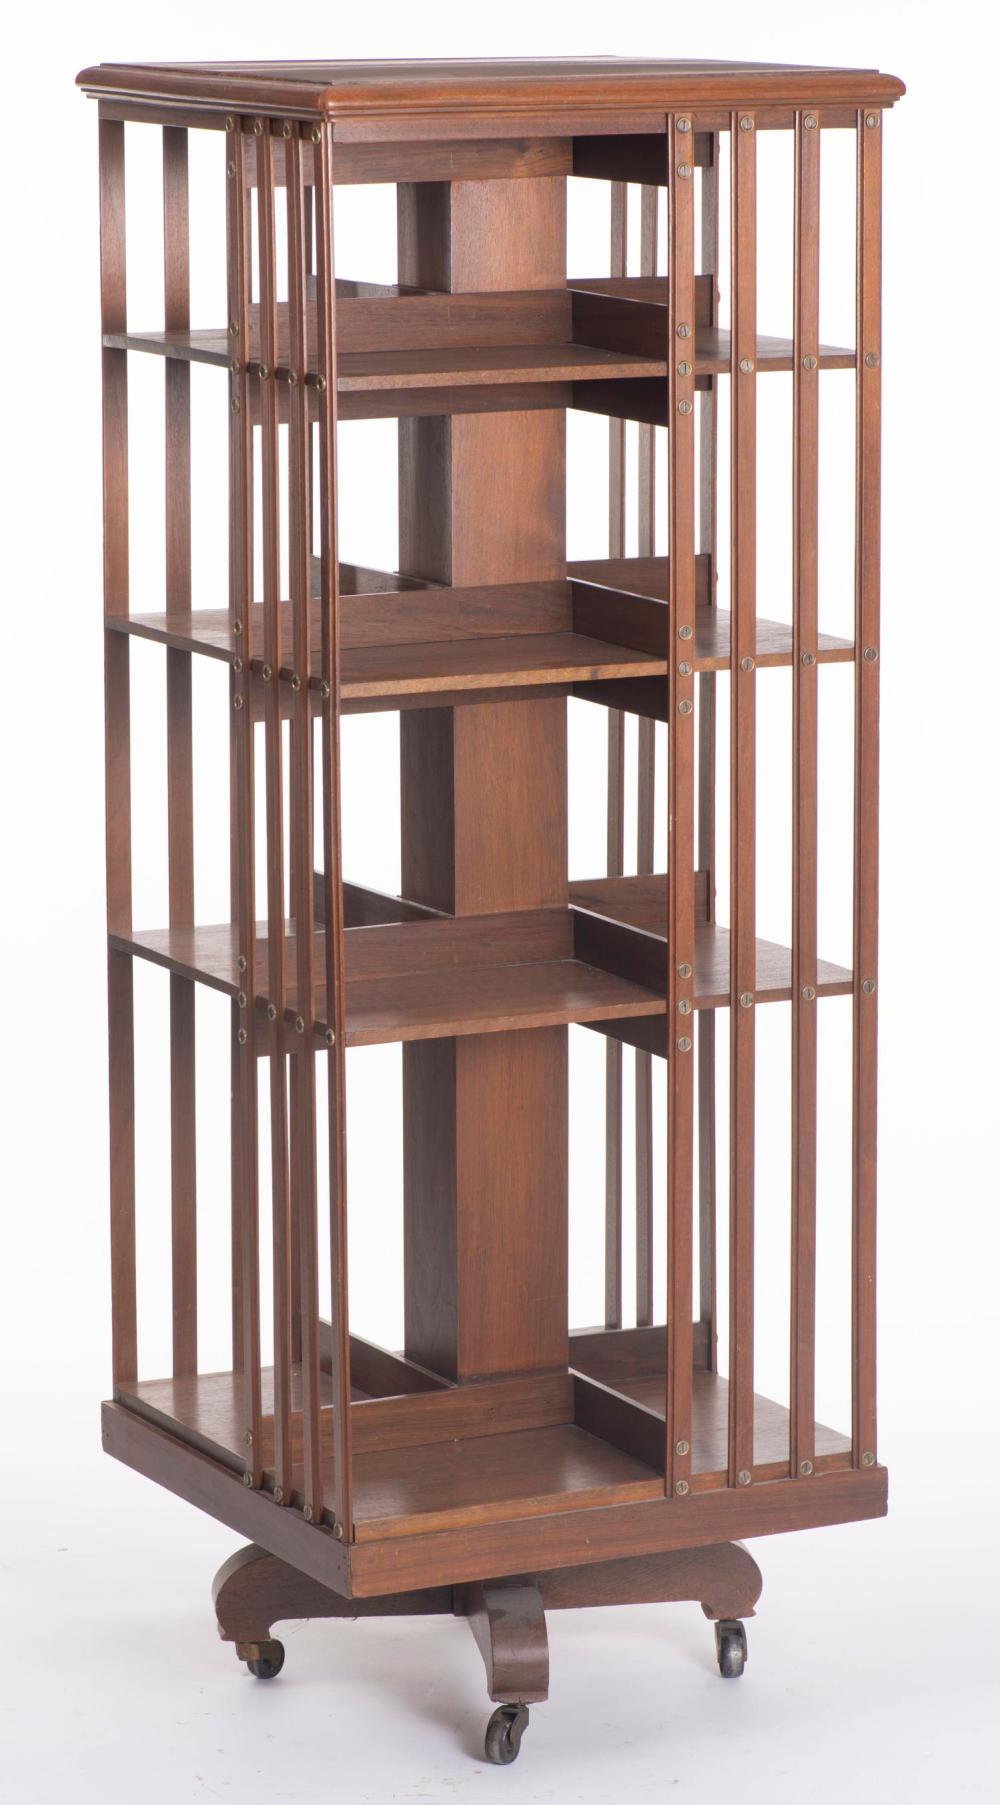 bibliotheque tournante de style anglais en bois a quatre etageres